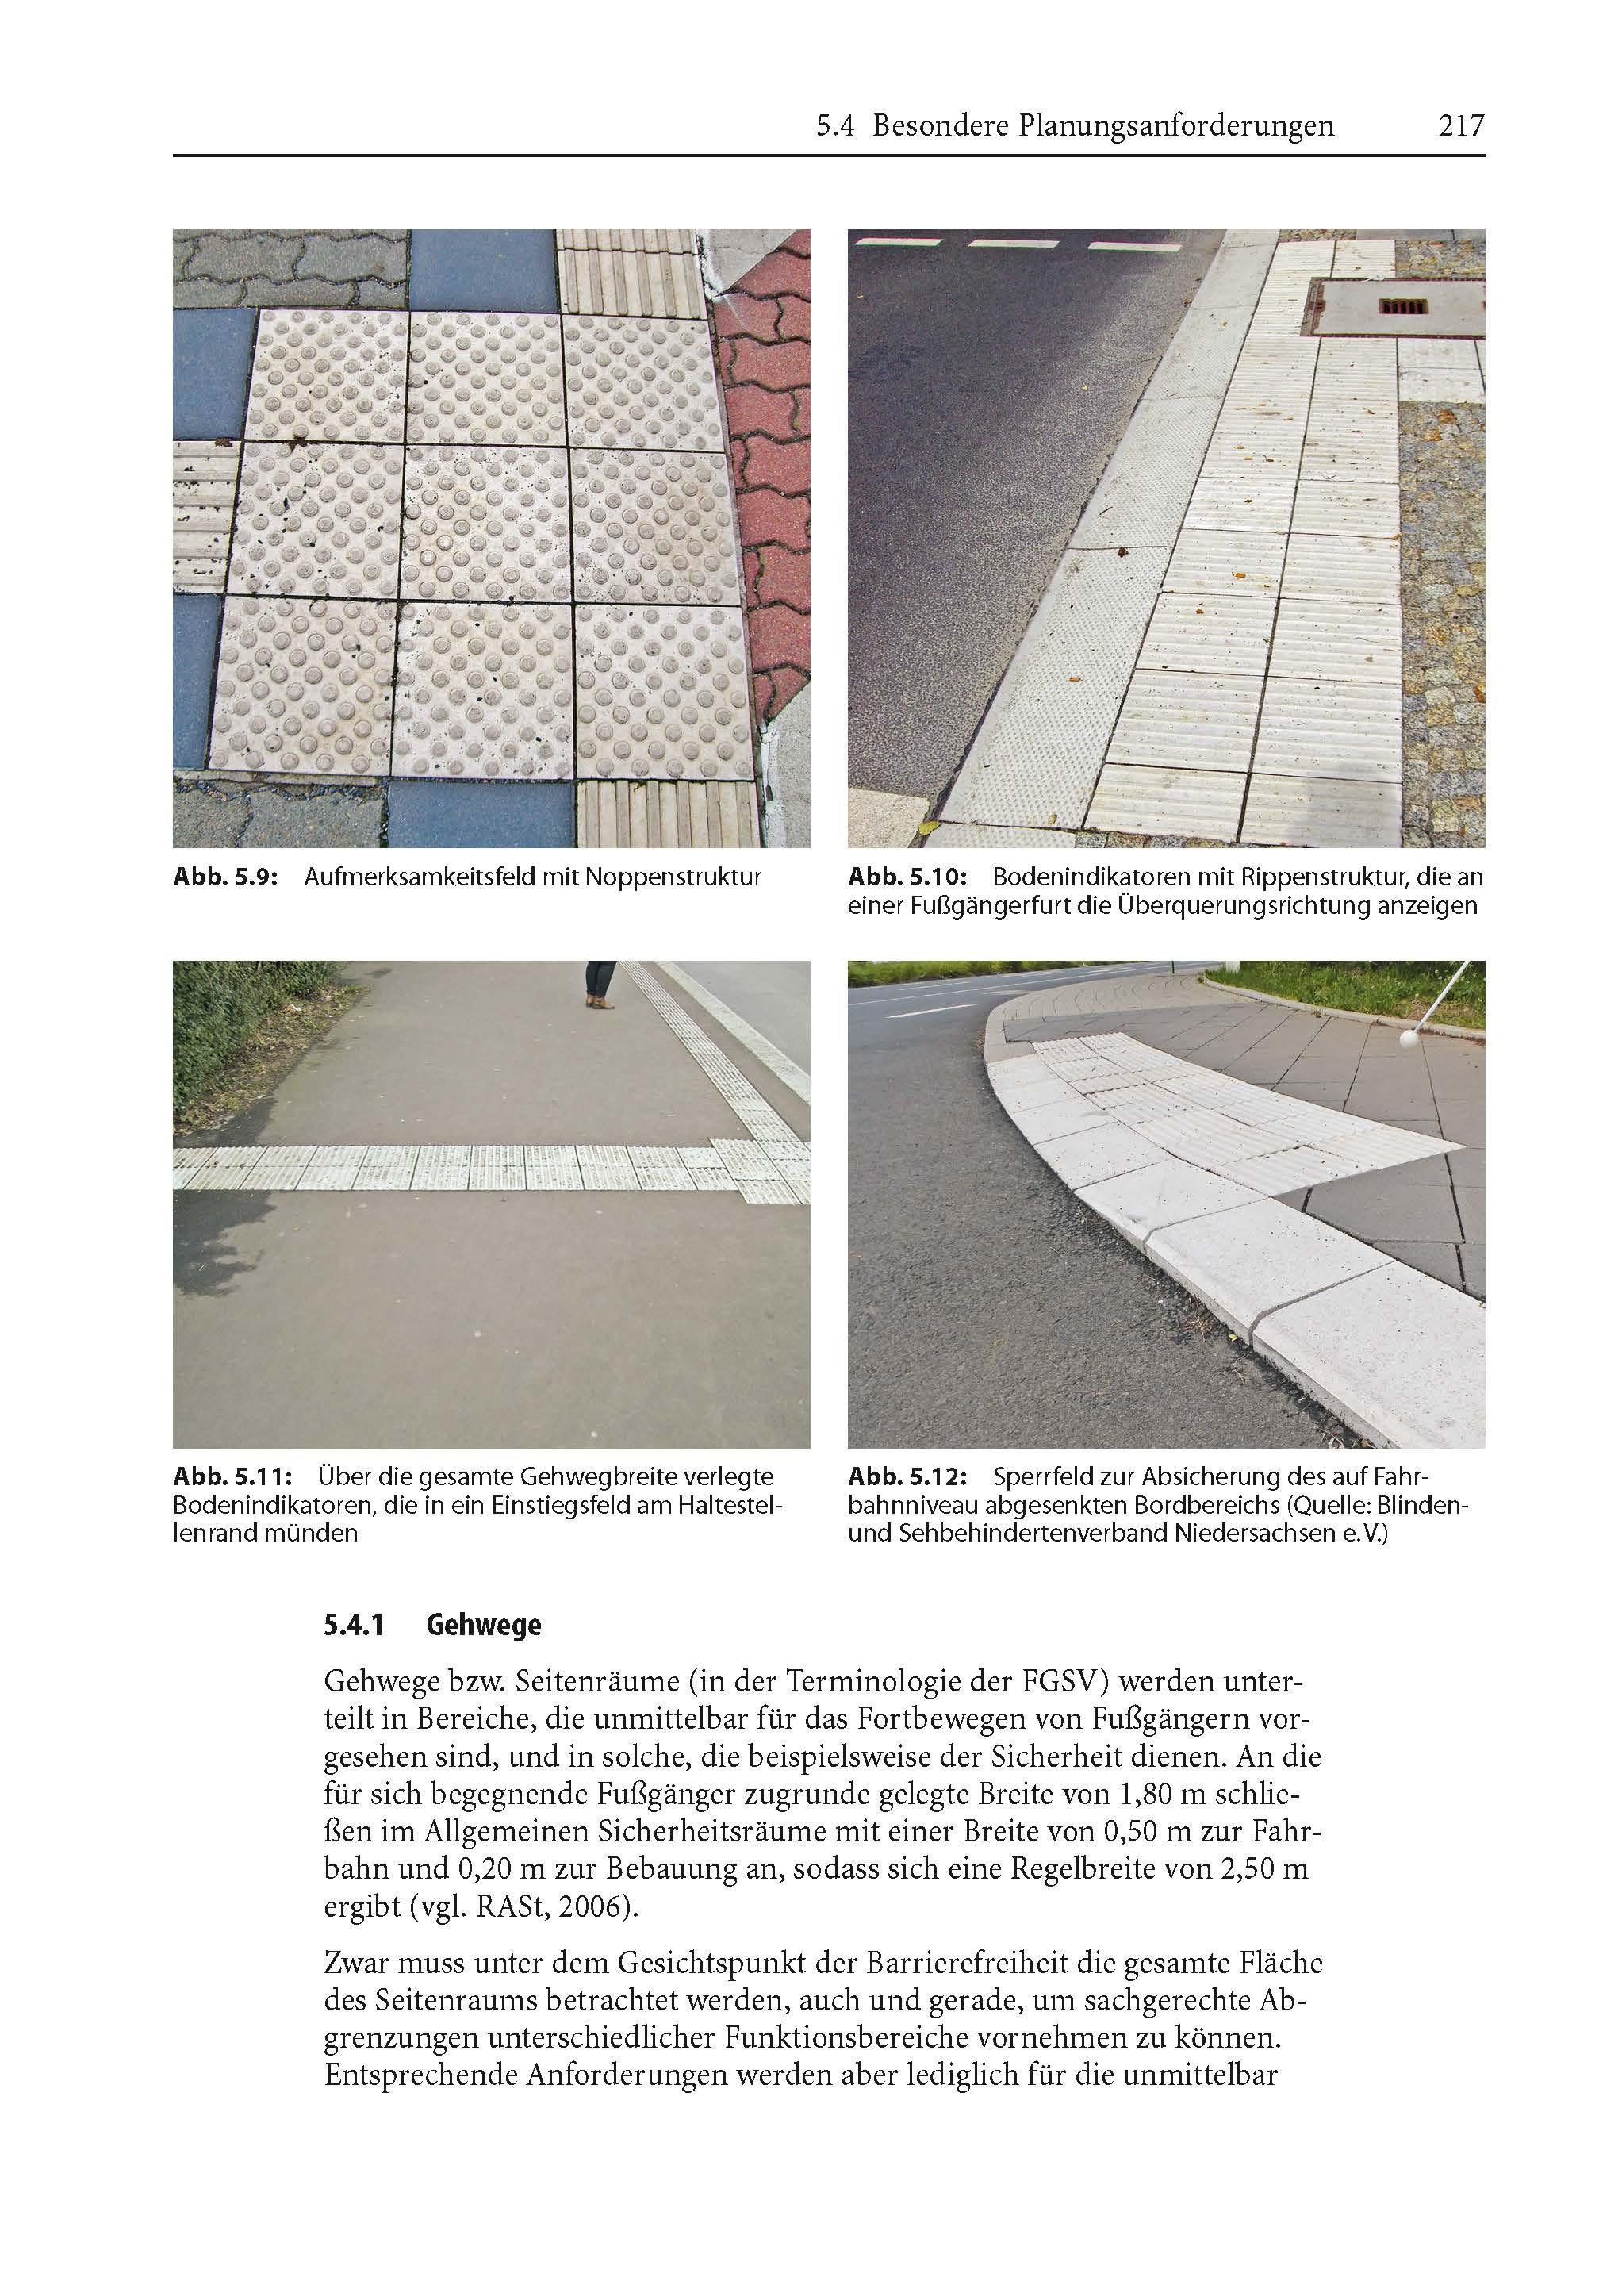 handbuch barrierefreies bauen barrierefrei planen bauen. Black Bedroom Furniture Sets. Home Design Ideas